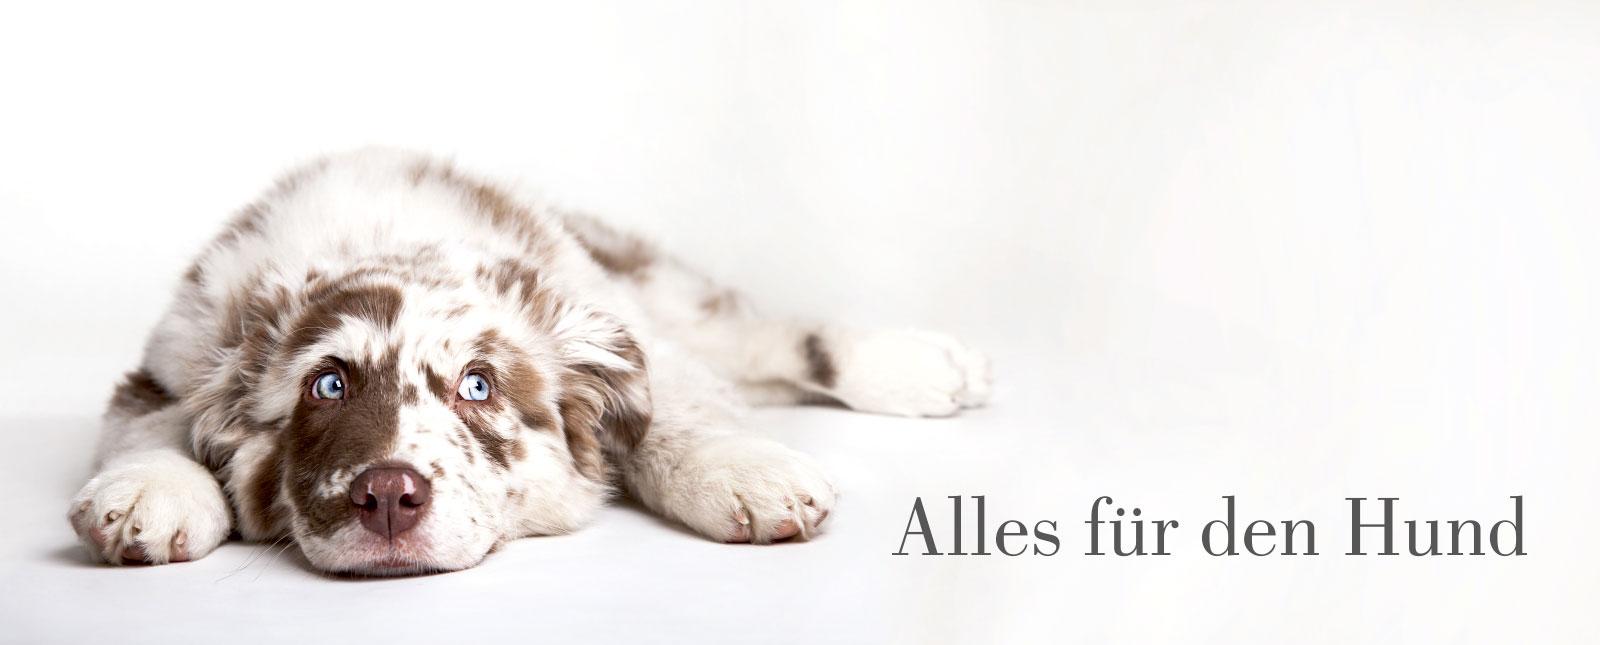 Schwedt Fauna - Alles für den Hund